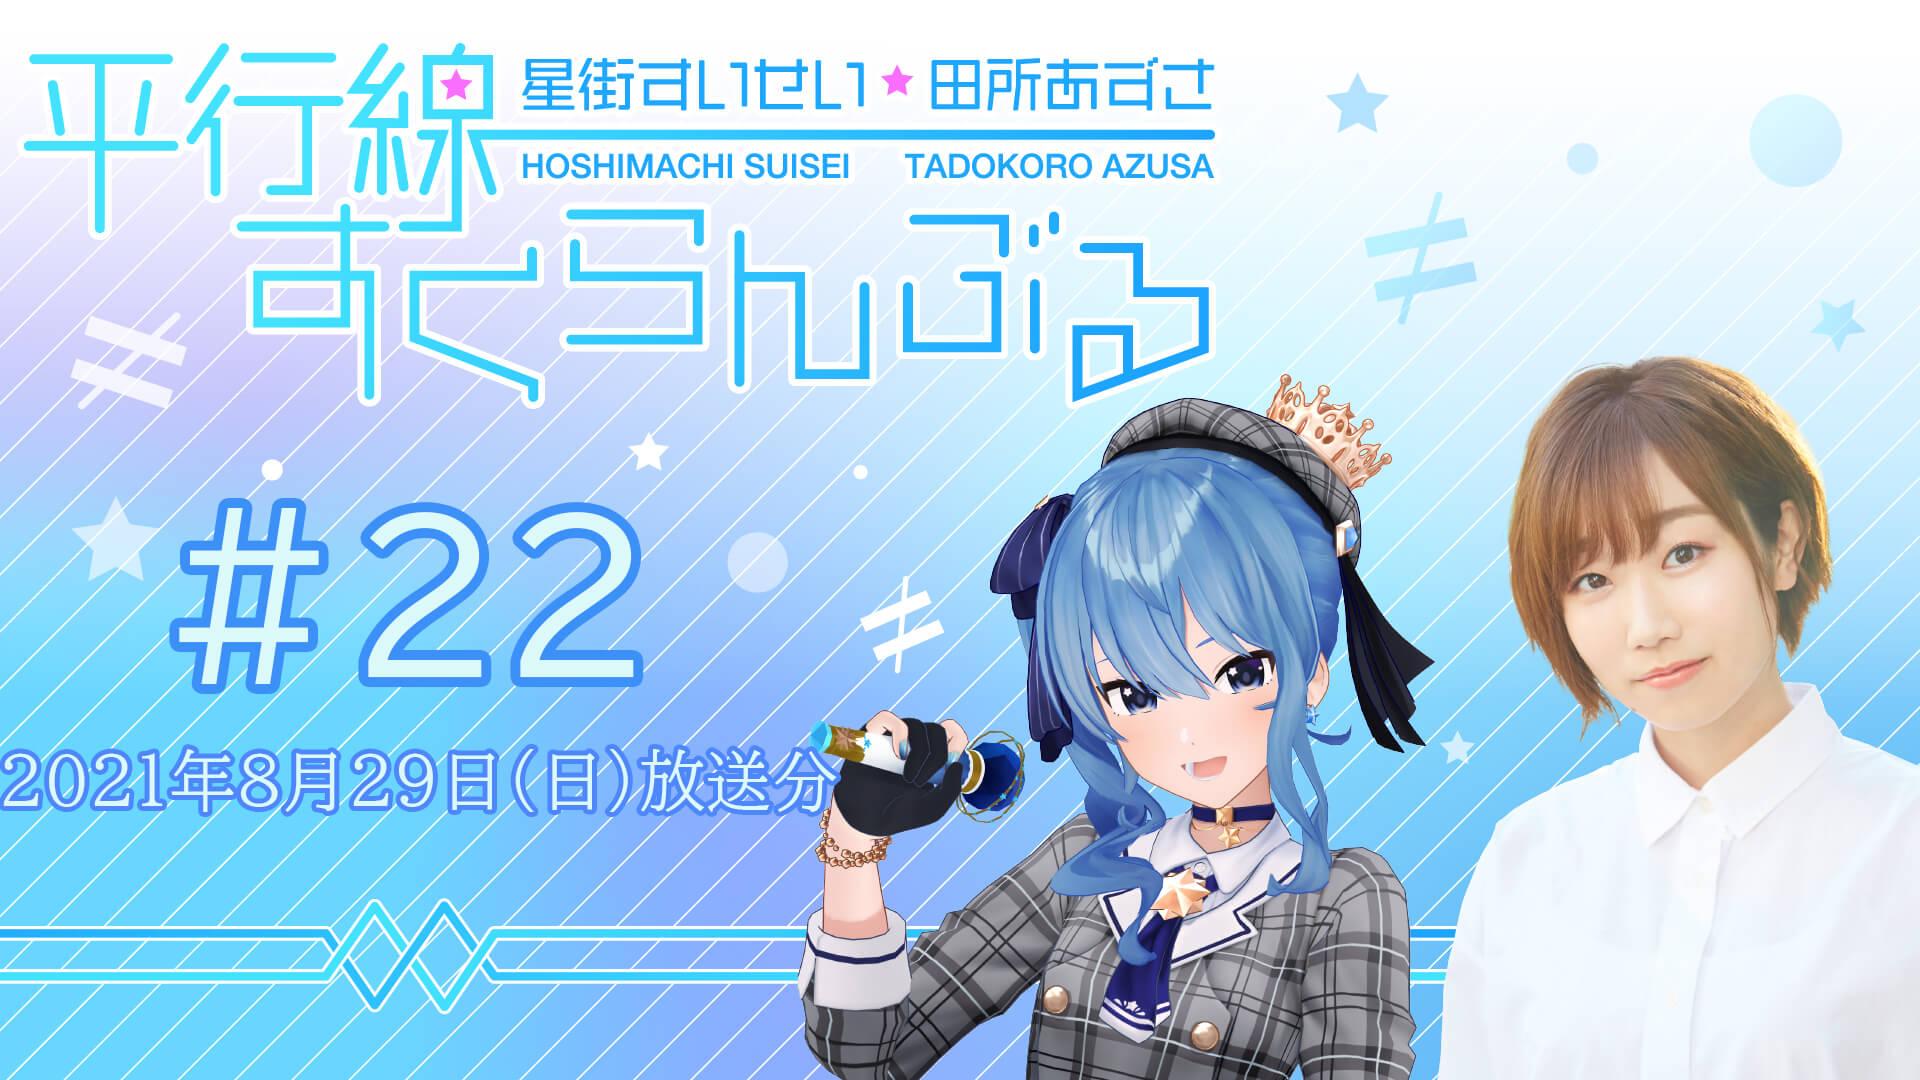 #22『星街すいせい・田所あずさ 平行線すくらんぶる』(2021年8月29日放送分)